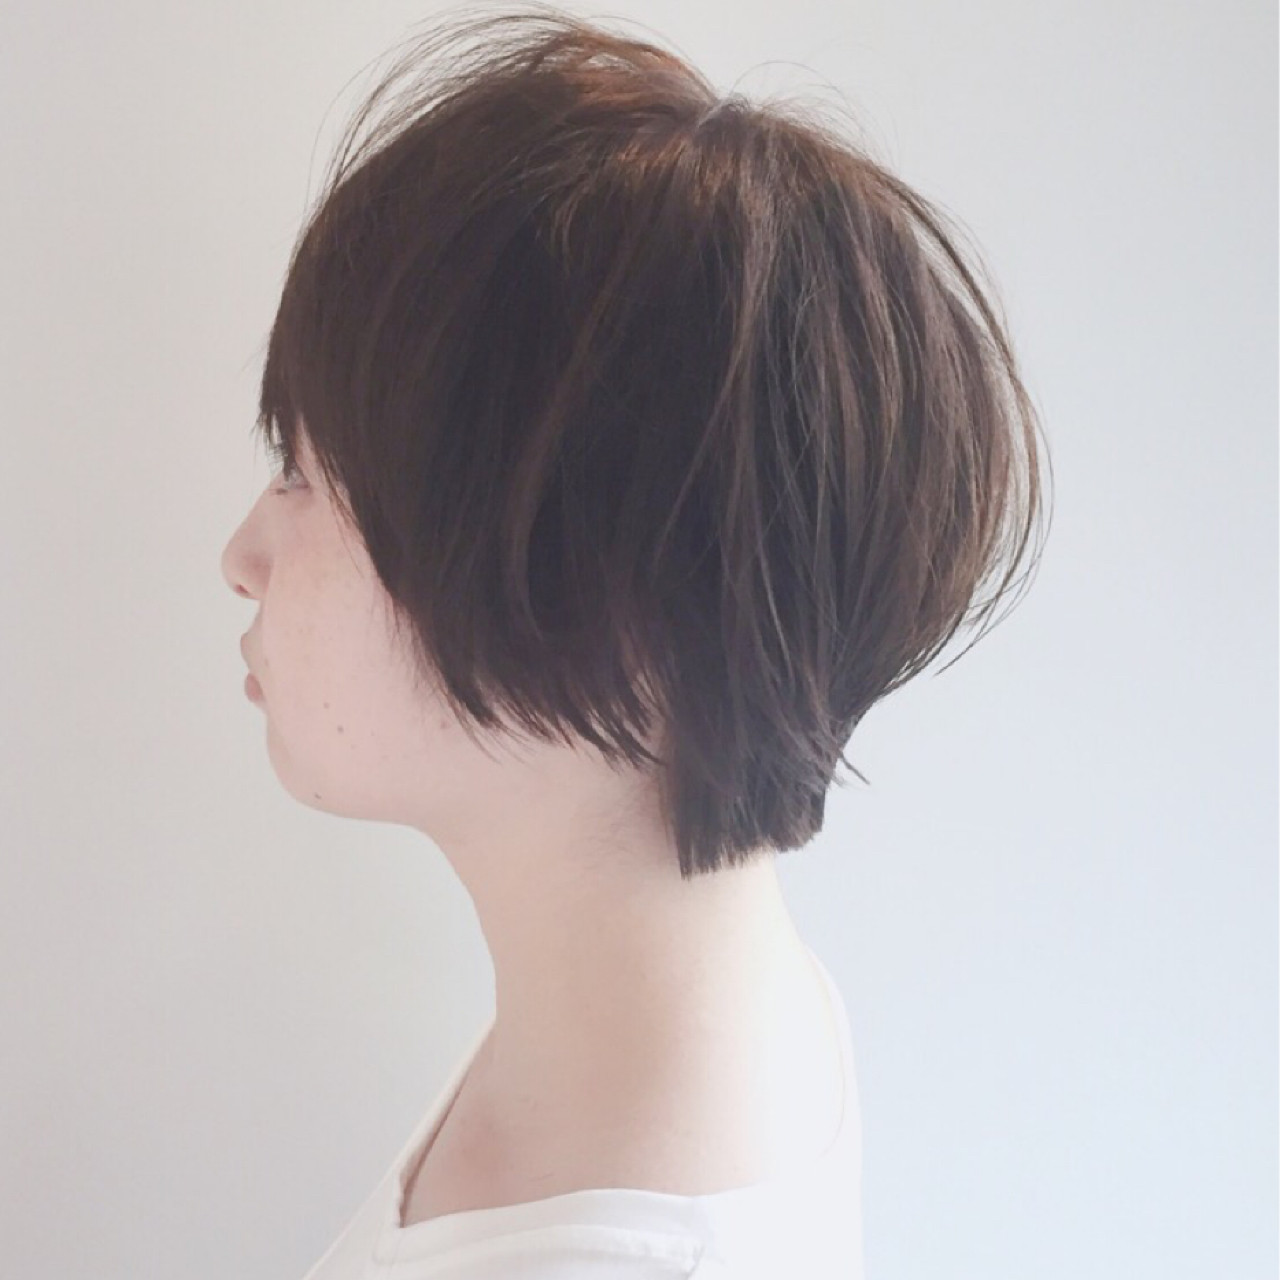 アッシュベージュ ショートボブ 小顔 ナチュラル ヘアスタイルや髪型の写真・画像